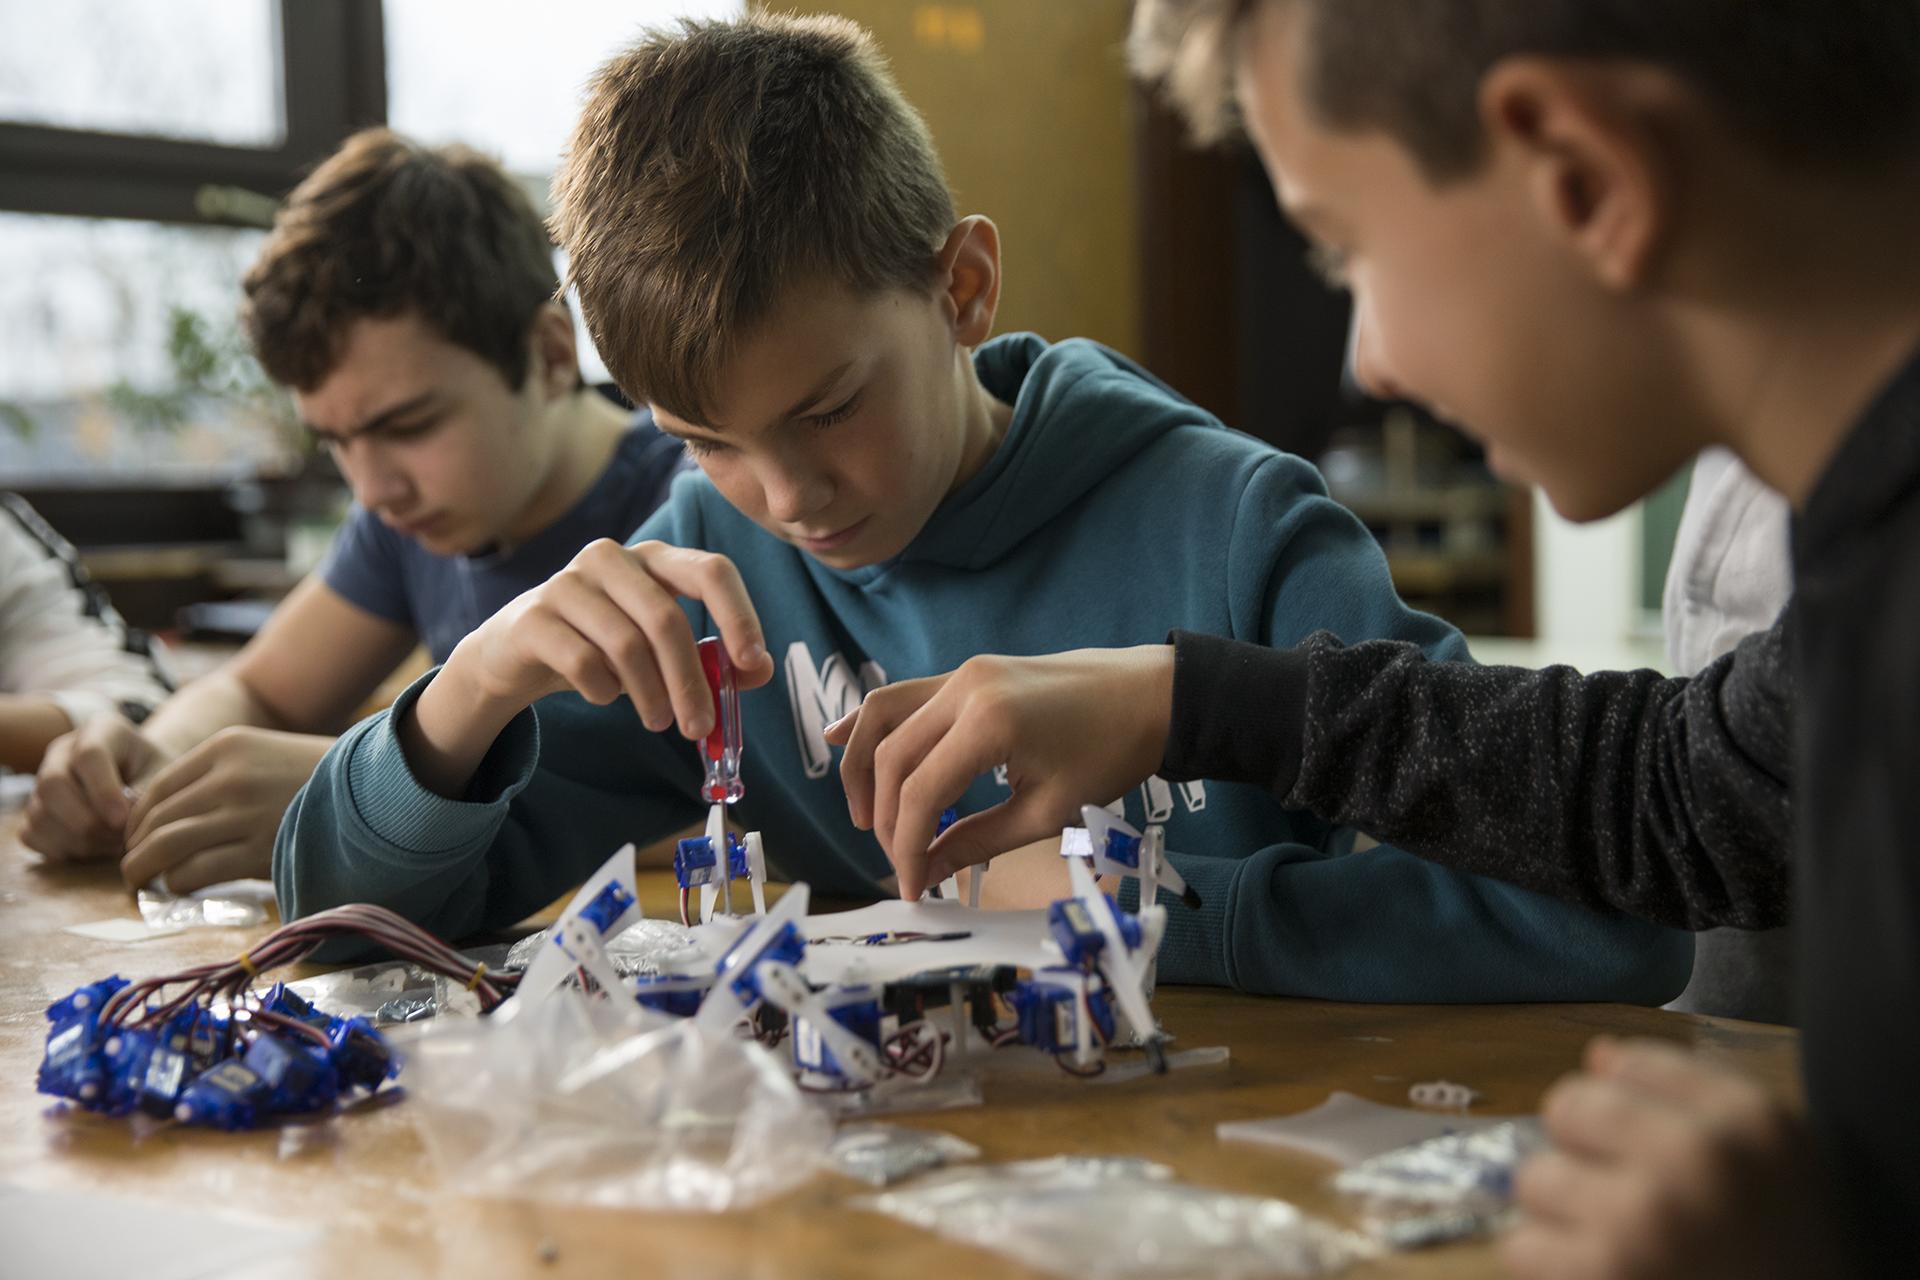 Učenici uče uz pomoć paukolikog robota hrvatskog startupa STEMI